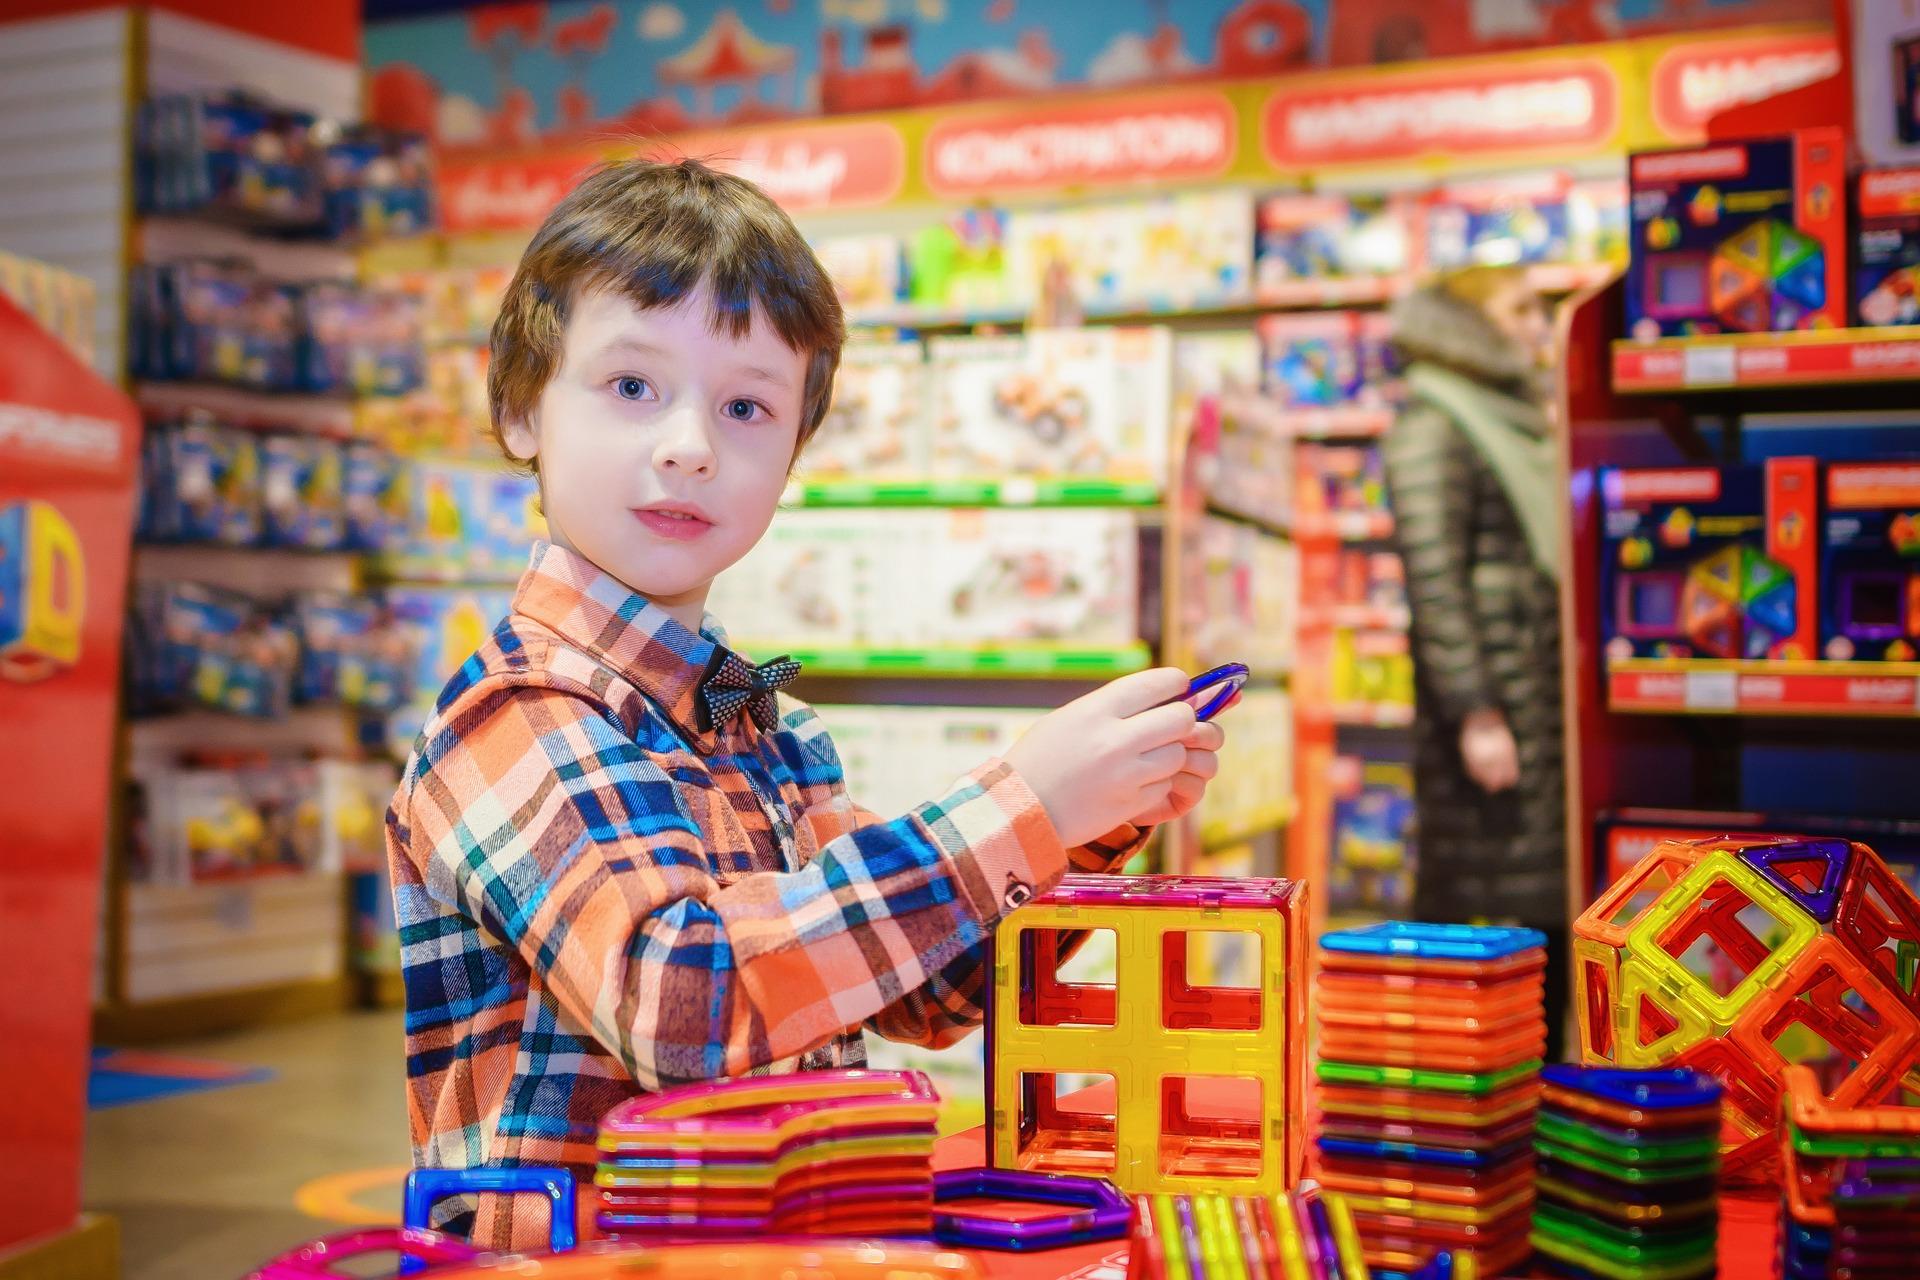 Find legetøj fra populære mærker som Dantoy og PlusPlus på www.legebyen.dk